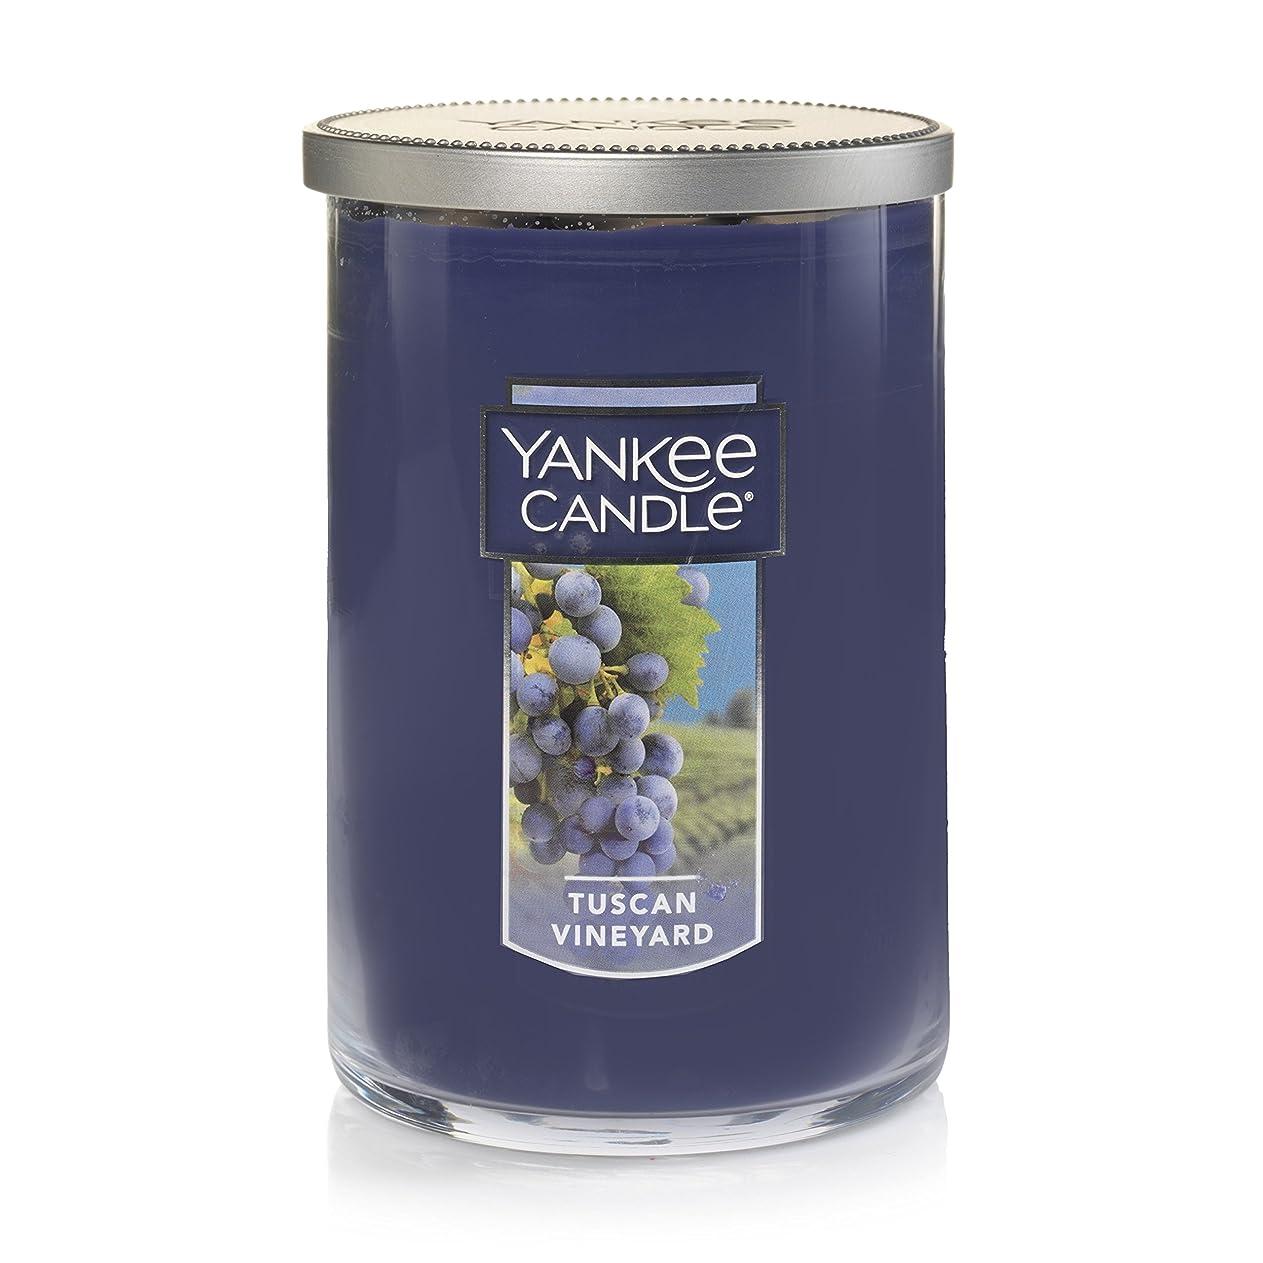 マサッチョ無謀教育者Yankee Candle Tuscan Vineyard Large 2-Wick Tumbler Candle パープル 1521694z